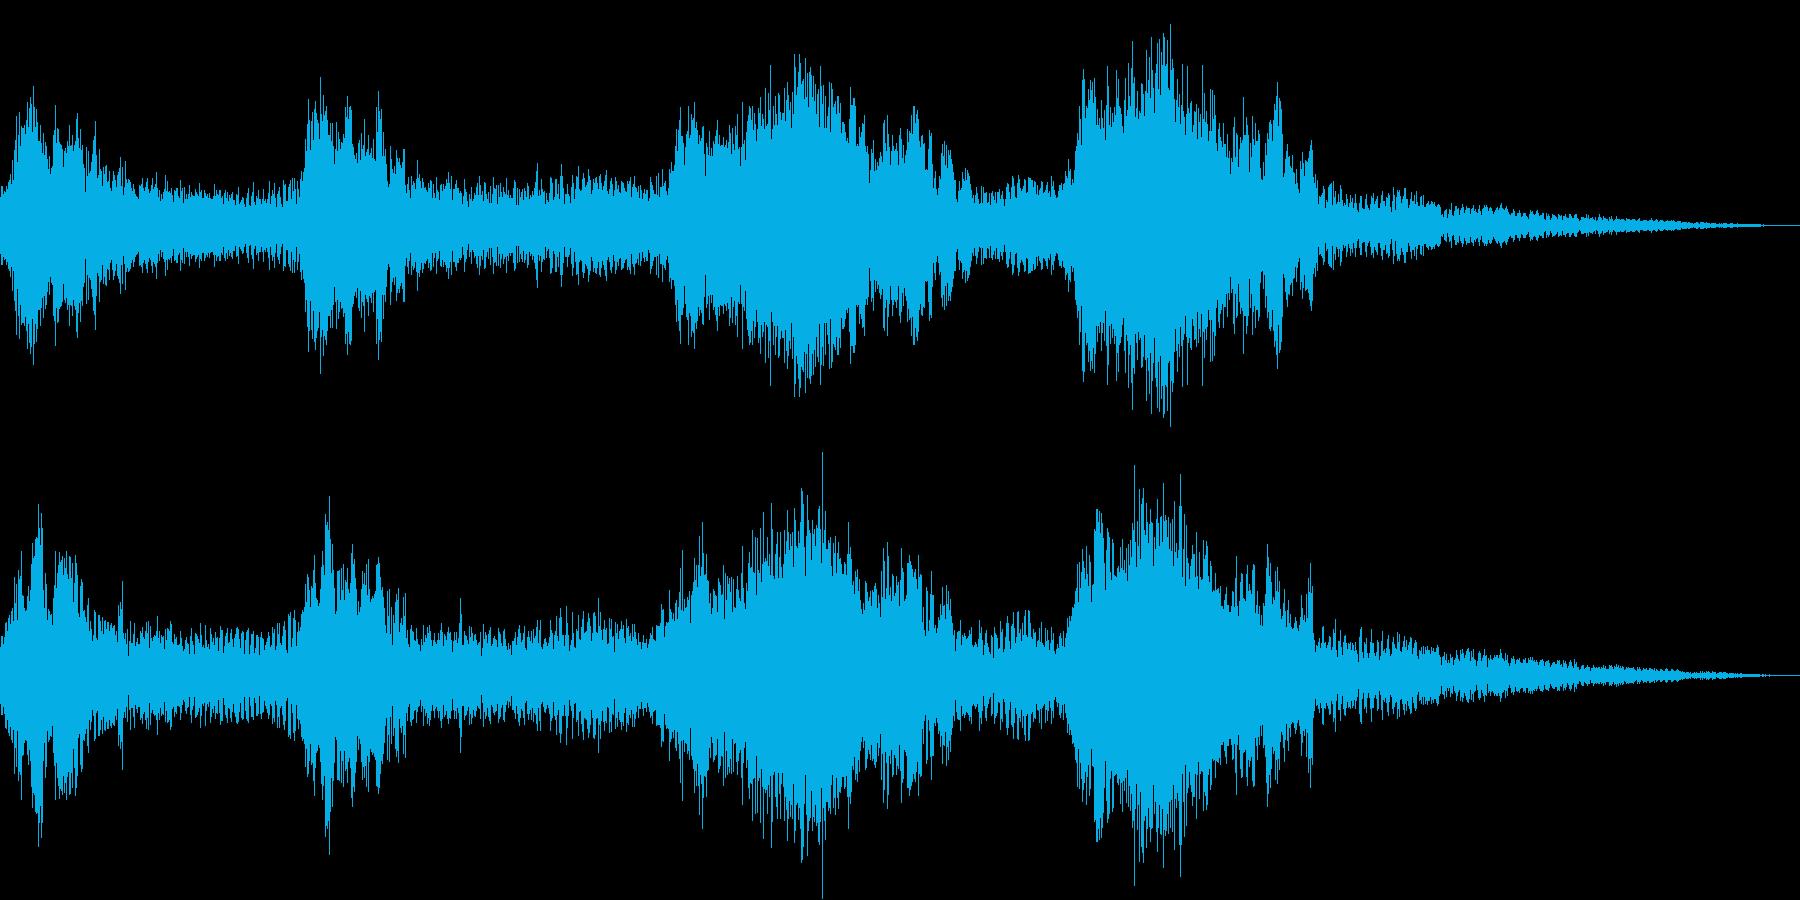 バイク オートバイの迫力あるアクセル音5の再生済みの波形